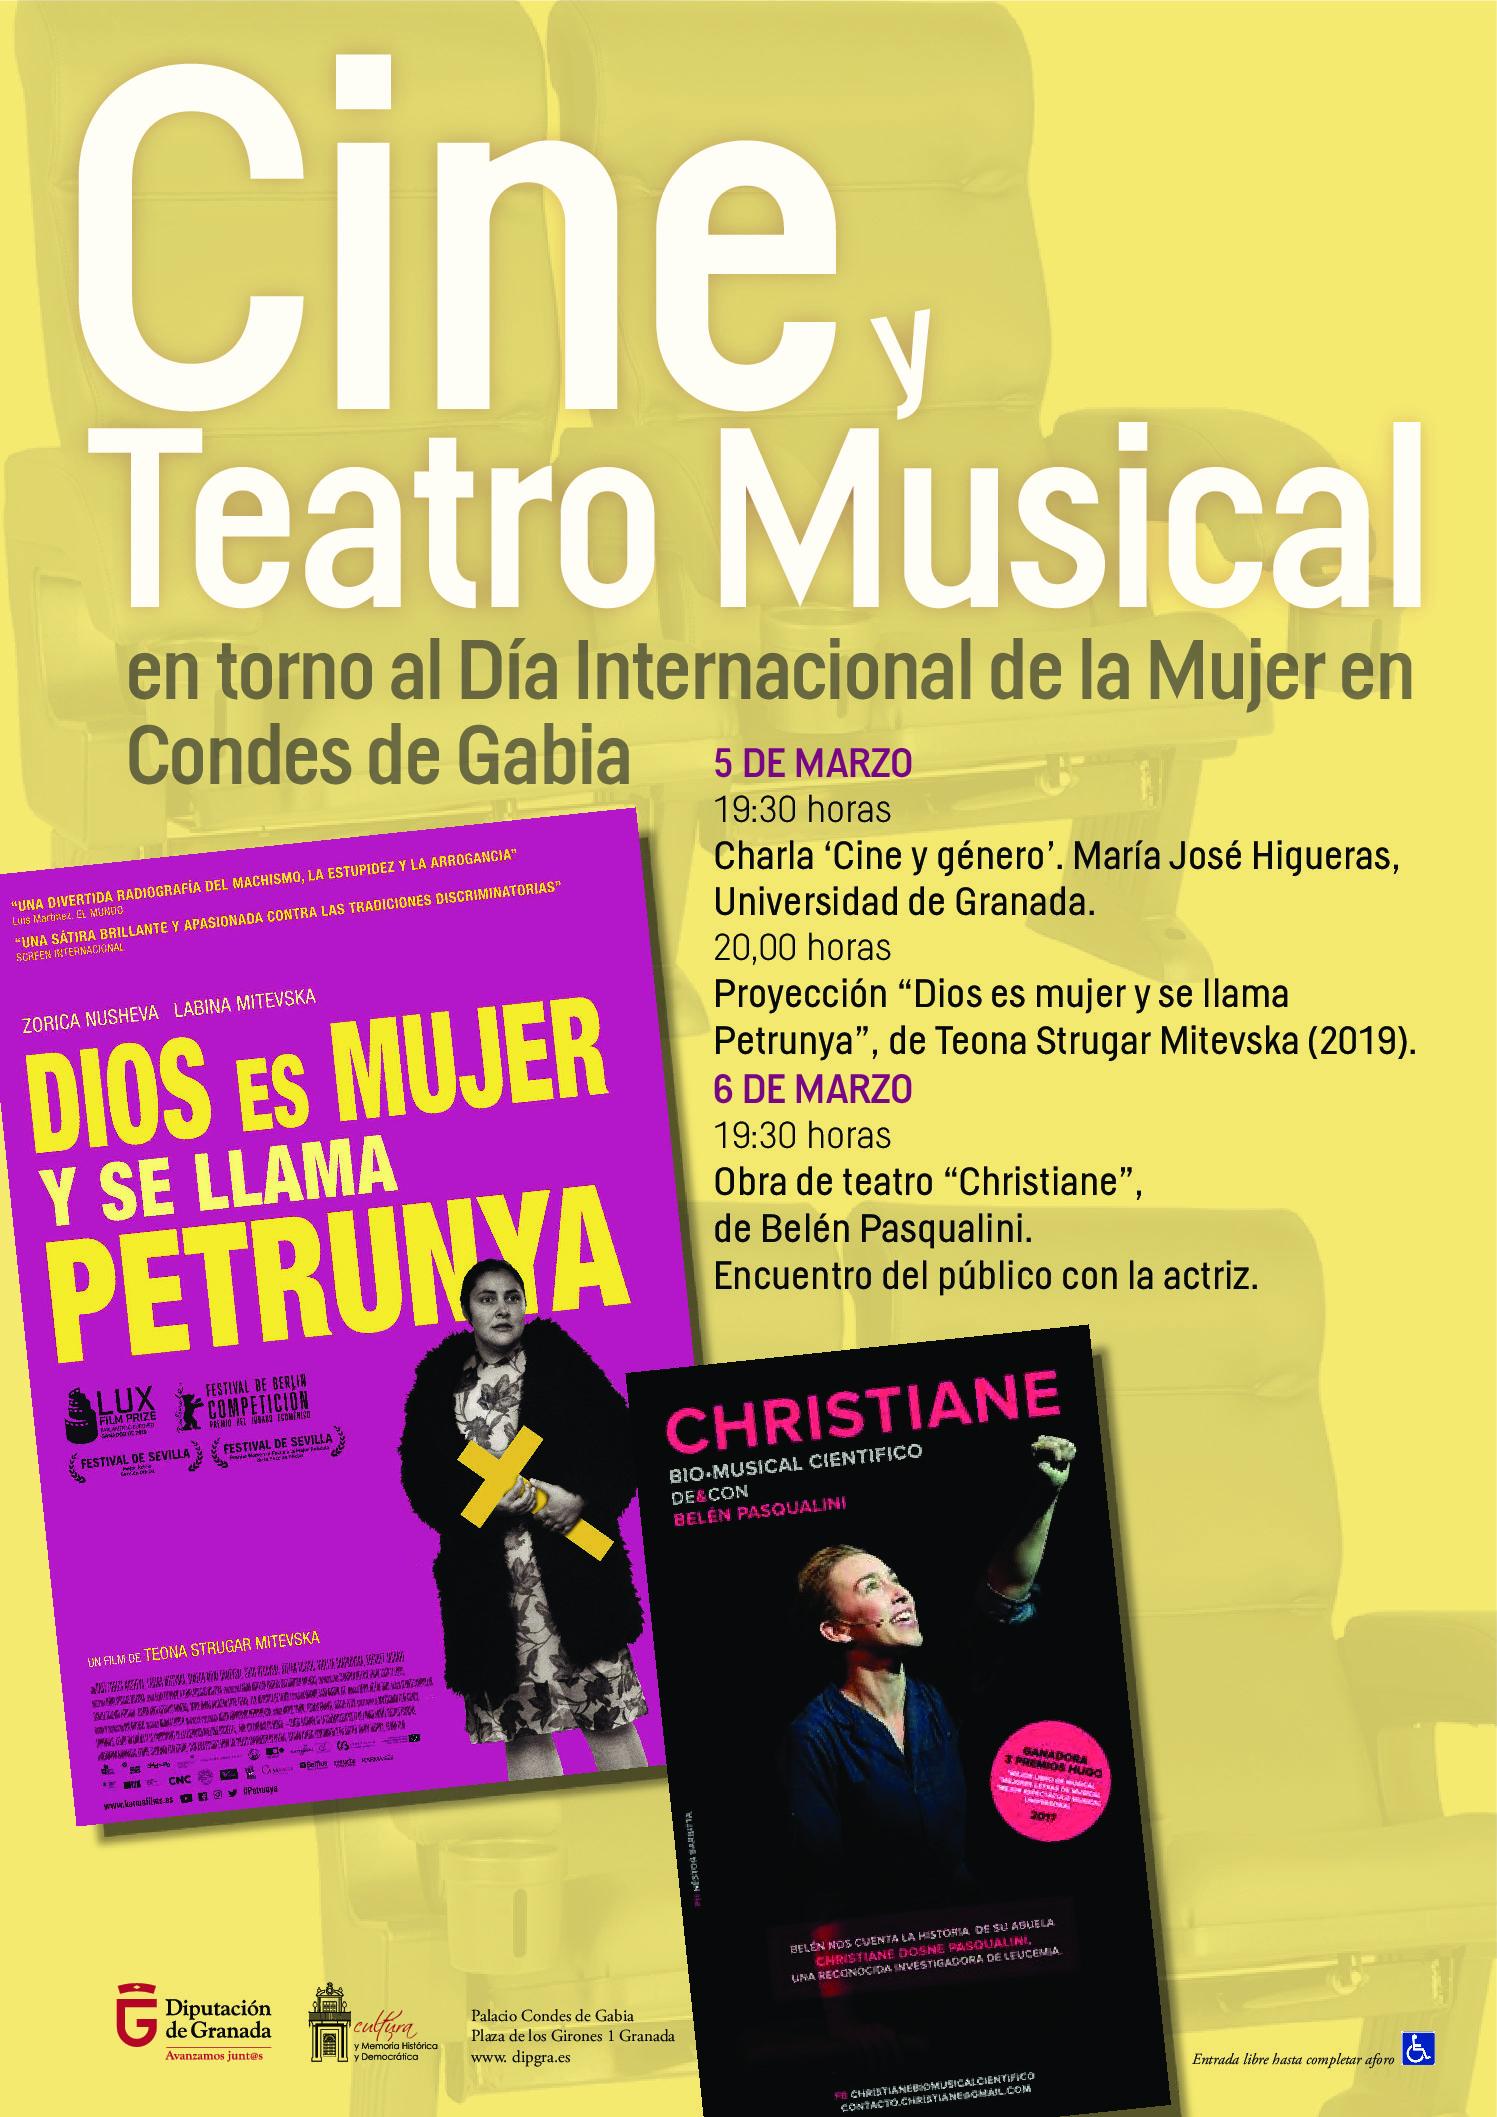 Cine y teatro musical por el Día de las Mujeres en el Palacio Condes de Gabia de Diputación